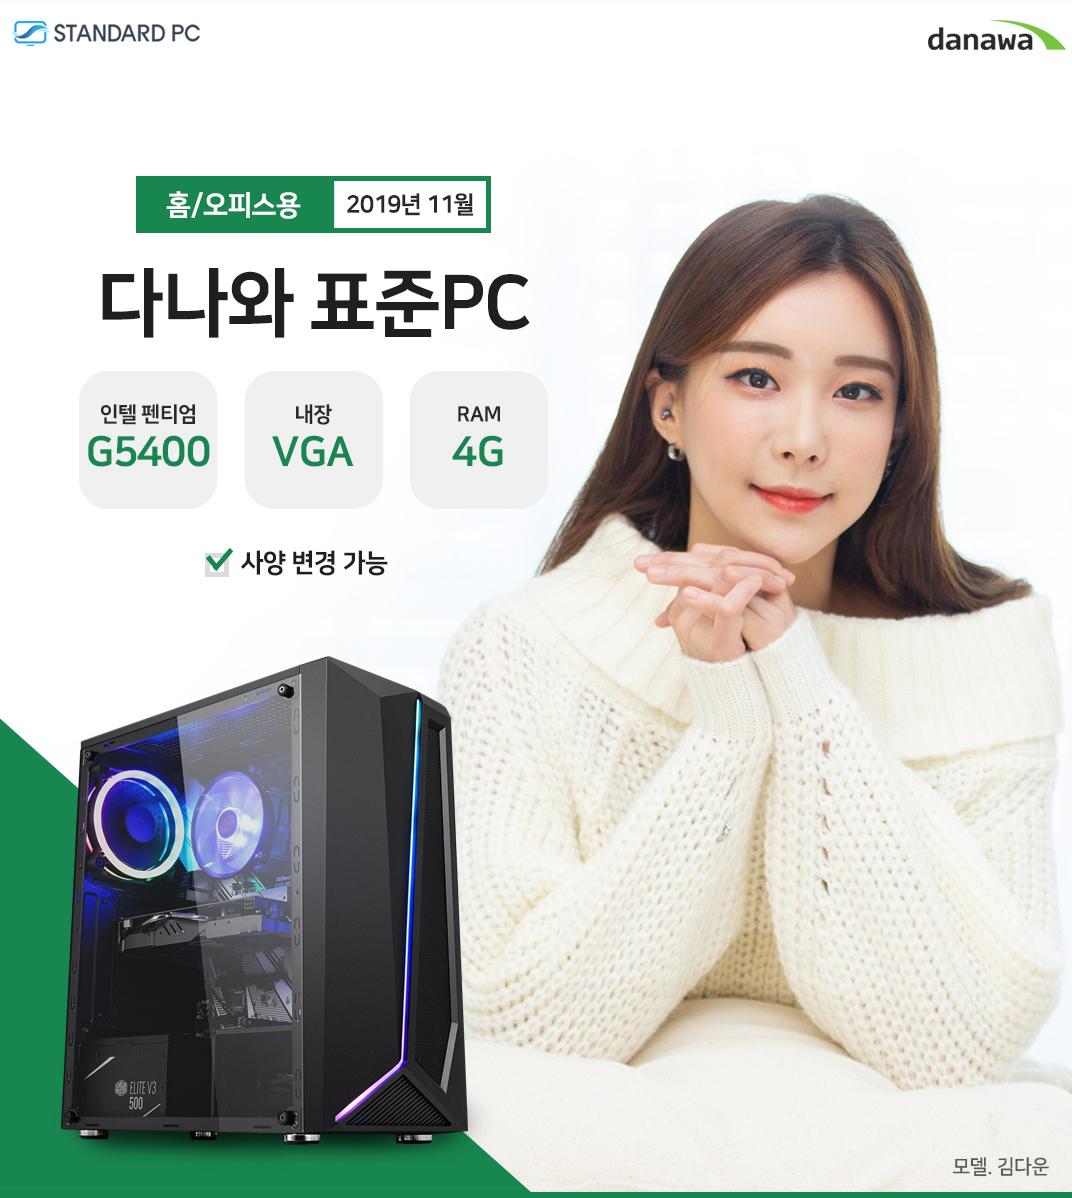 2019년 11월 다나와 표준PC 홈/오피스용 인텔 펜티엄 골드 G5400 내장 VGA RAM 4G 모델 문가경